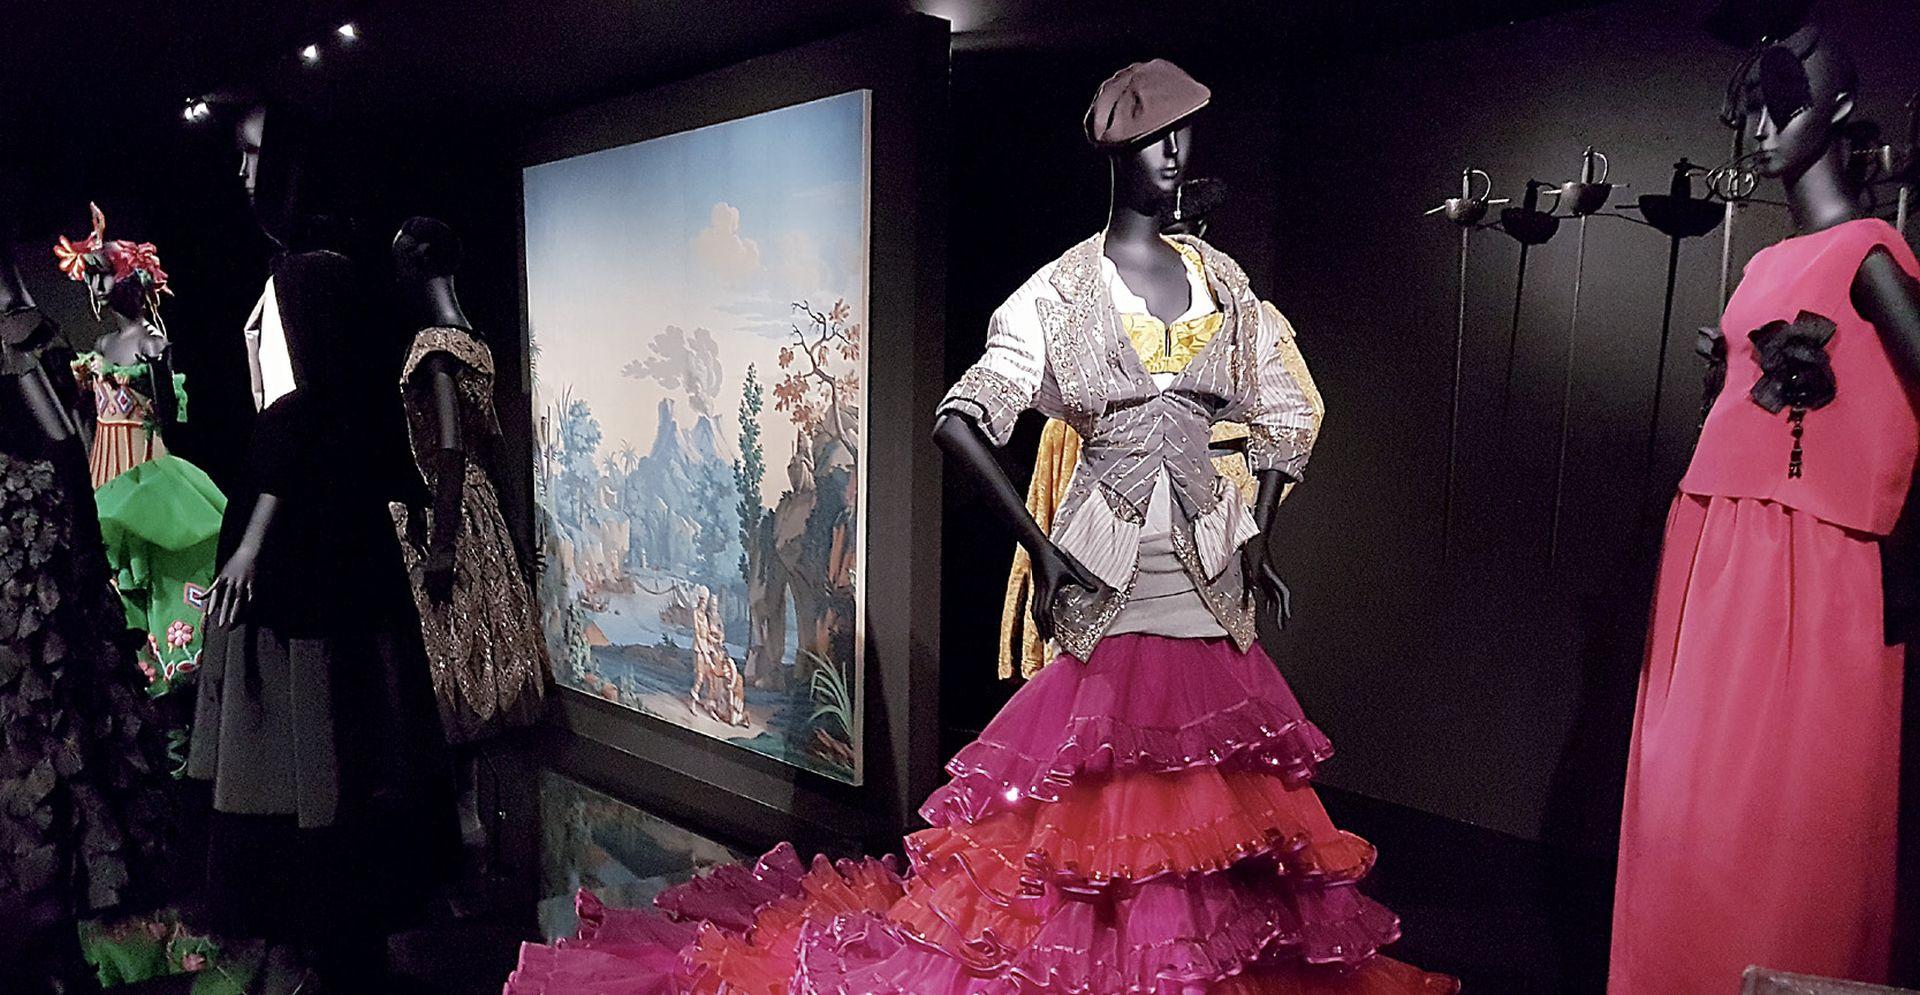 Sedam desetljeća radionice Dior – spoj tradicije i inovativnosti